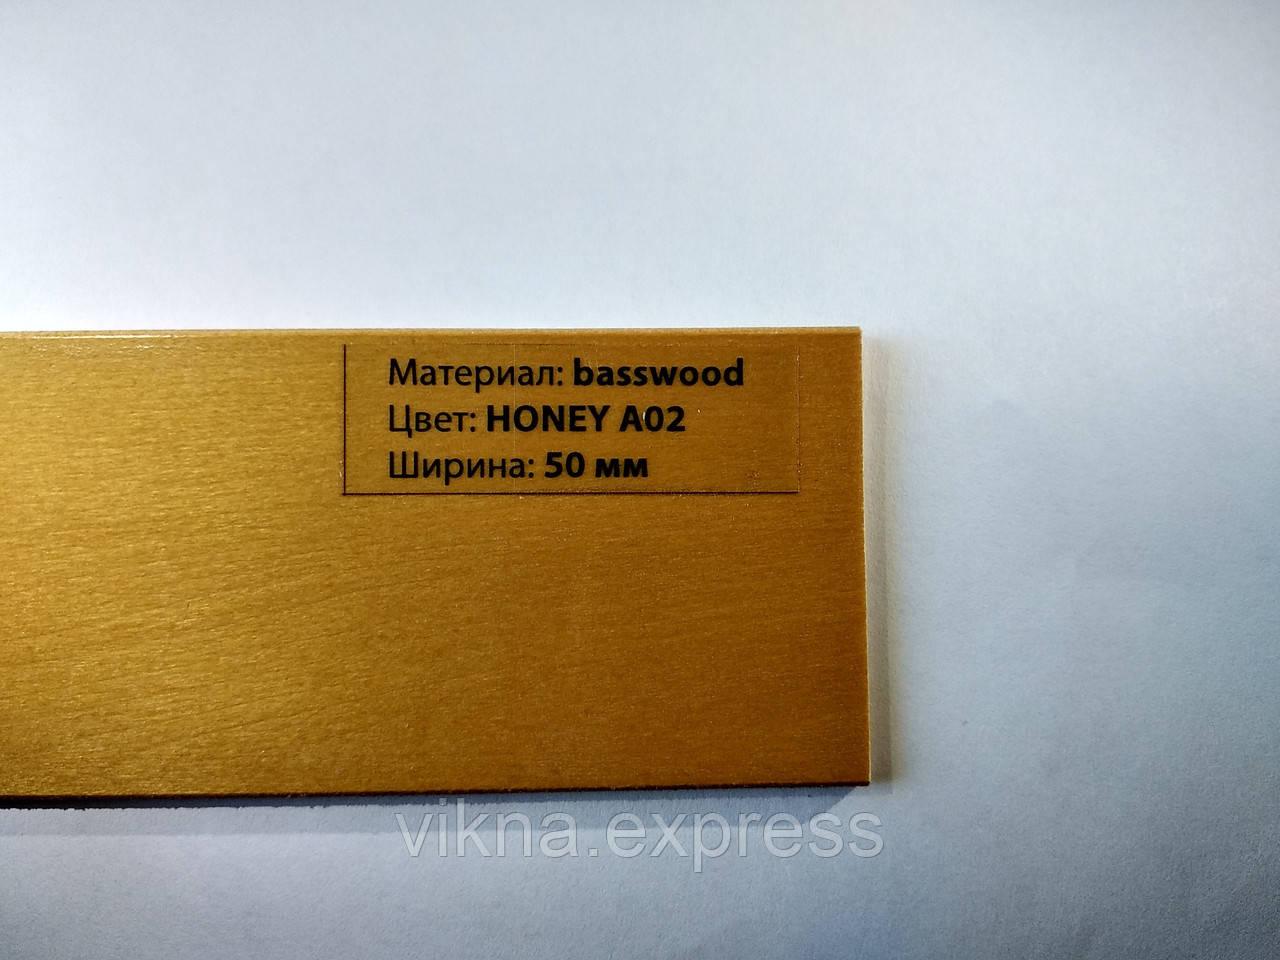 Жлюзі дерев'яні 50мм basswood HONEY A02